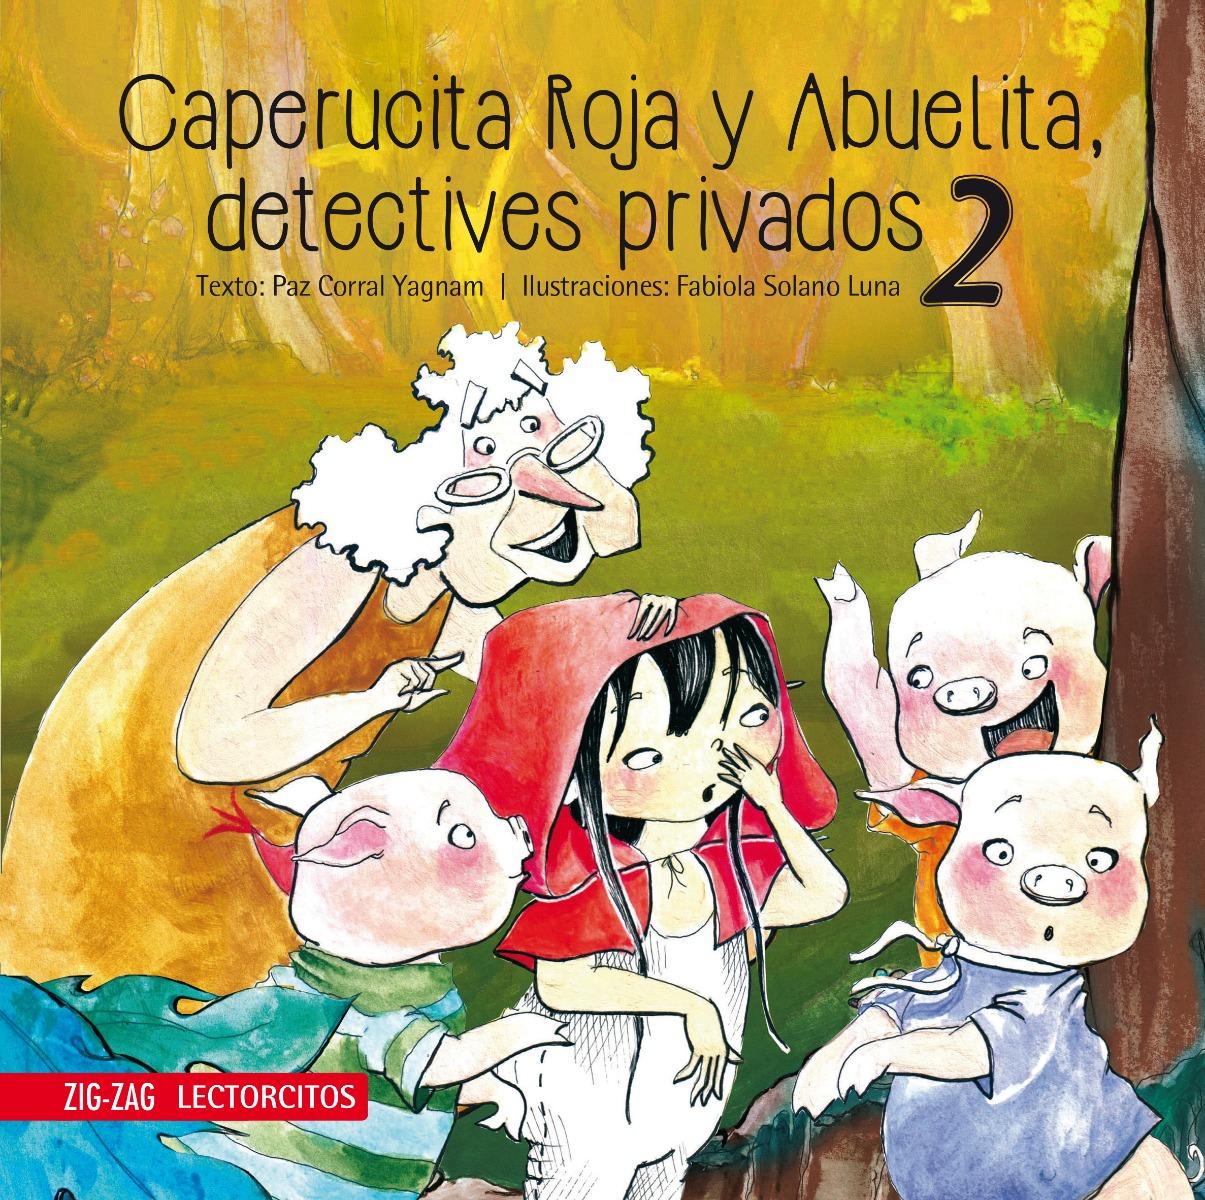 Caperucita Roja y Abuelita, detectives privados 2